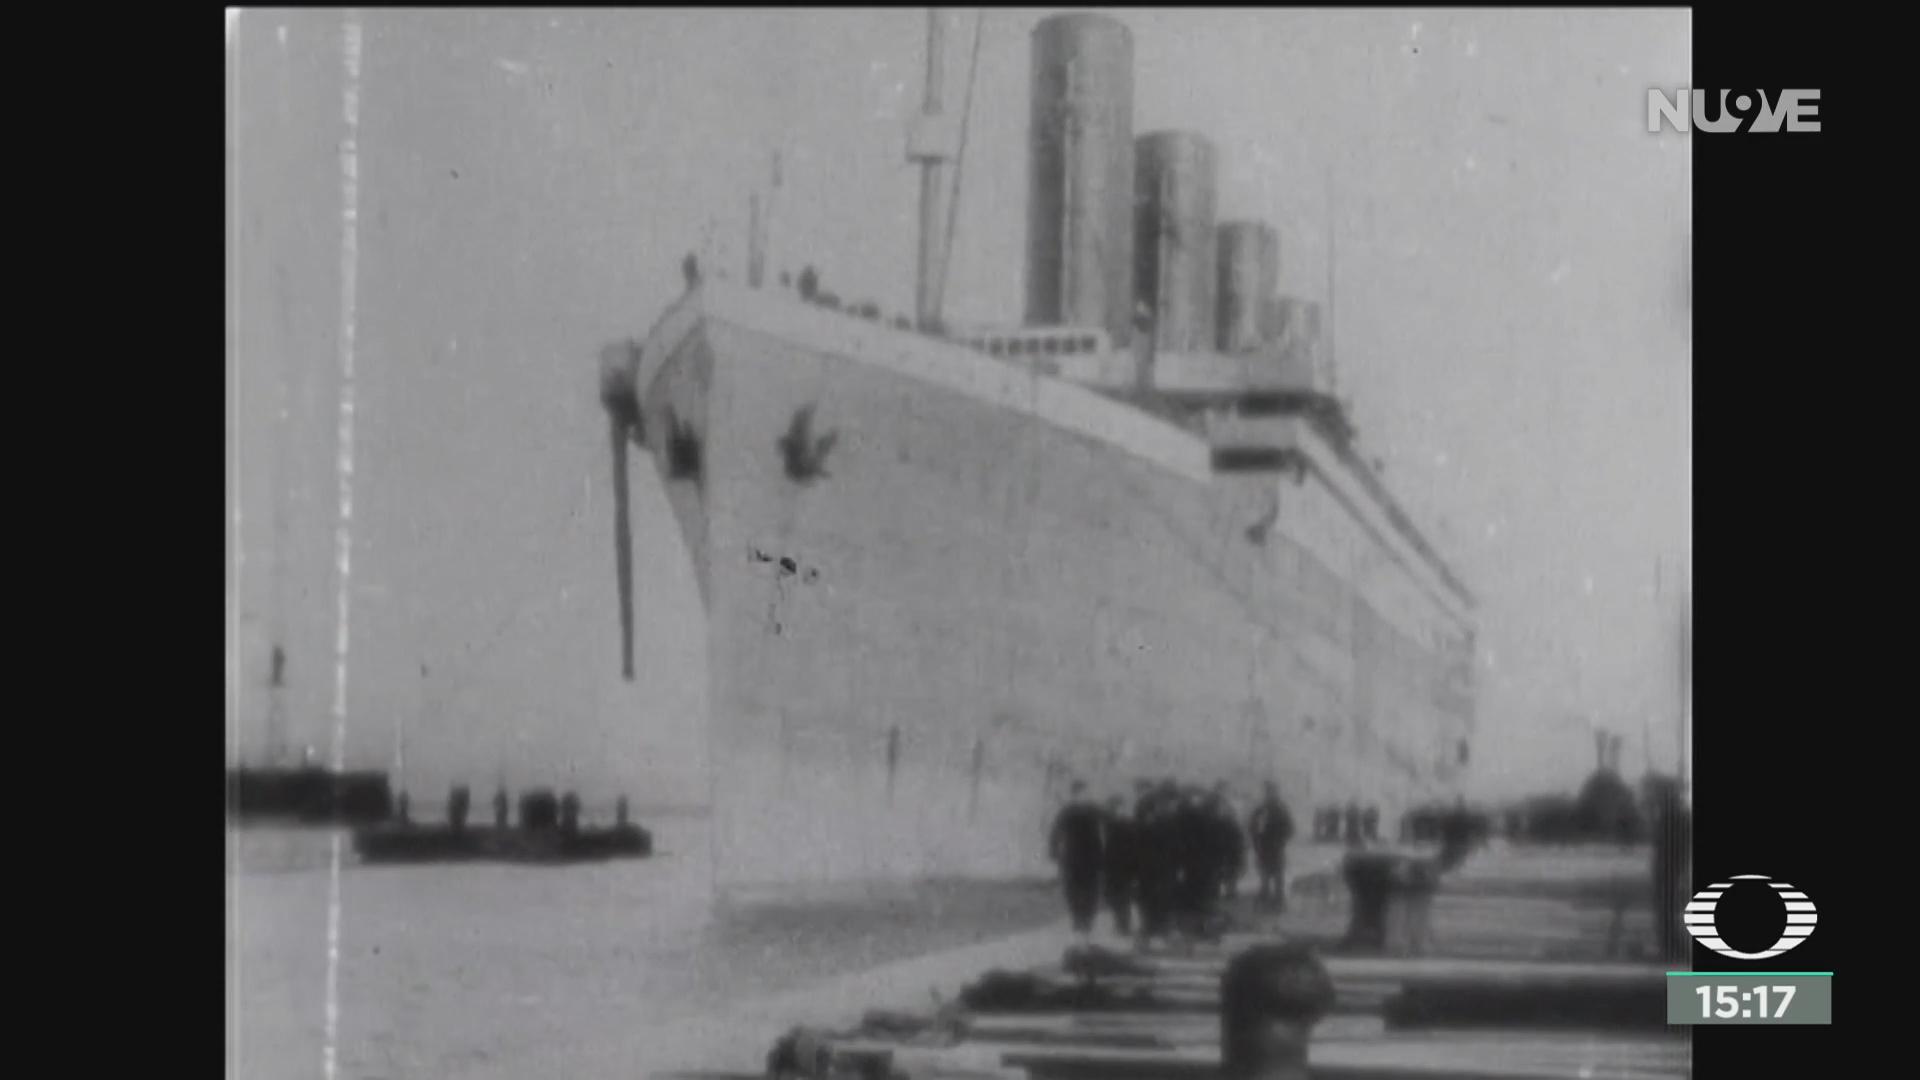 FOTO: acuerdo entre reino unido y eeuu para proteger al titanic